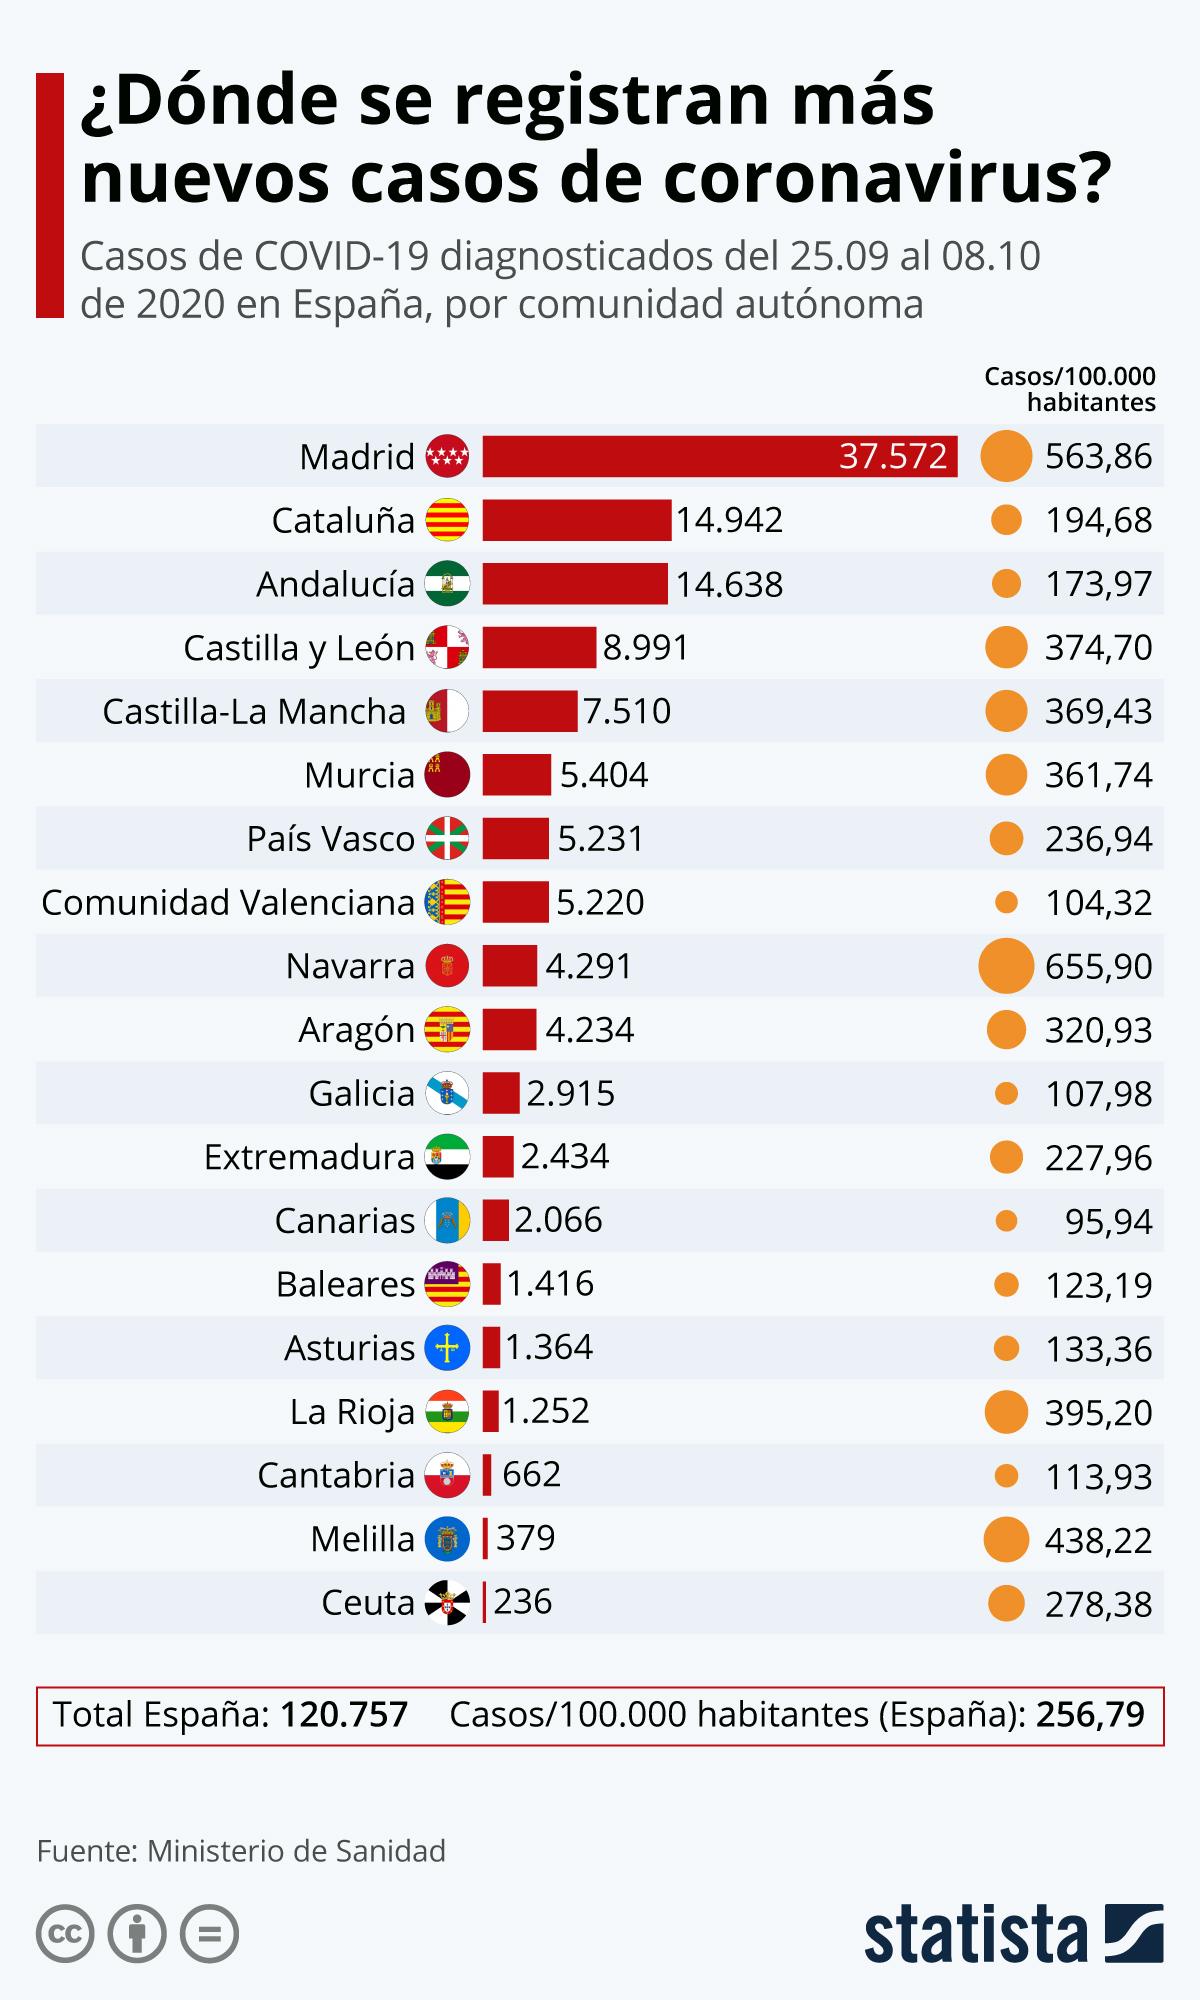 Infografía: ¿Dónde se registran más nuevos casos de coronavirus? | Statista